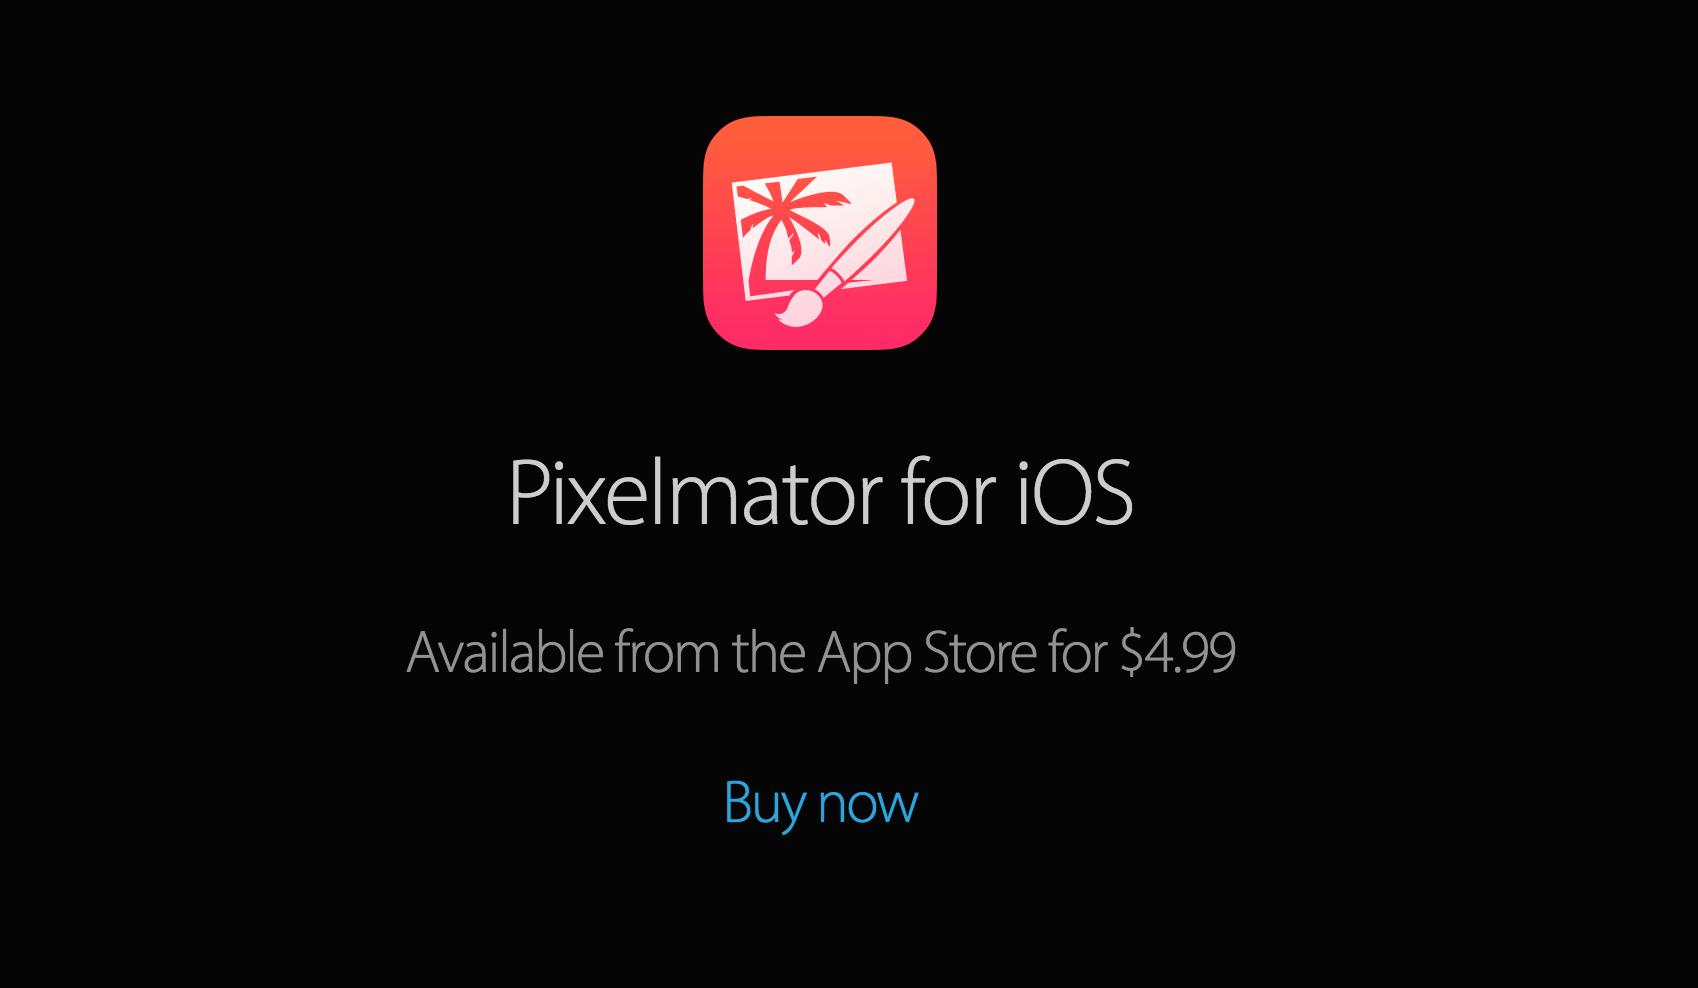 99-Cent-Aktion: Pixelmator und weitere nützliche iOS-Apps erheblich reduziert